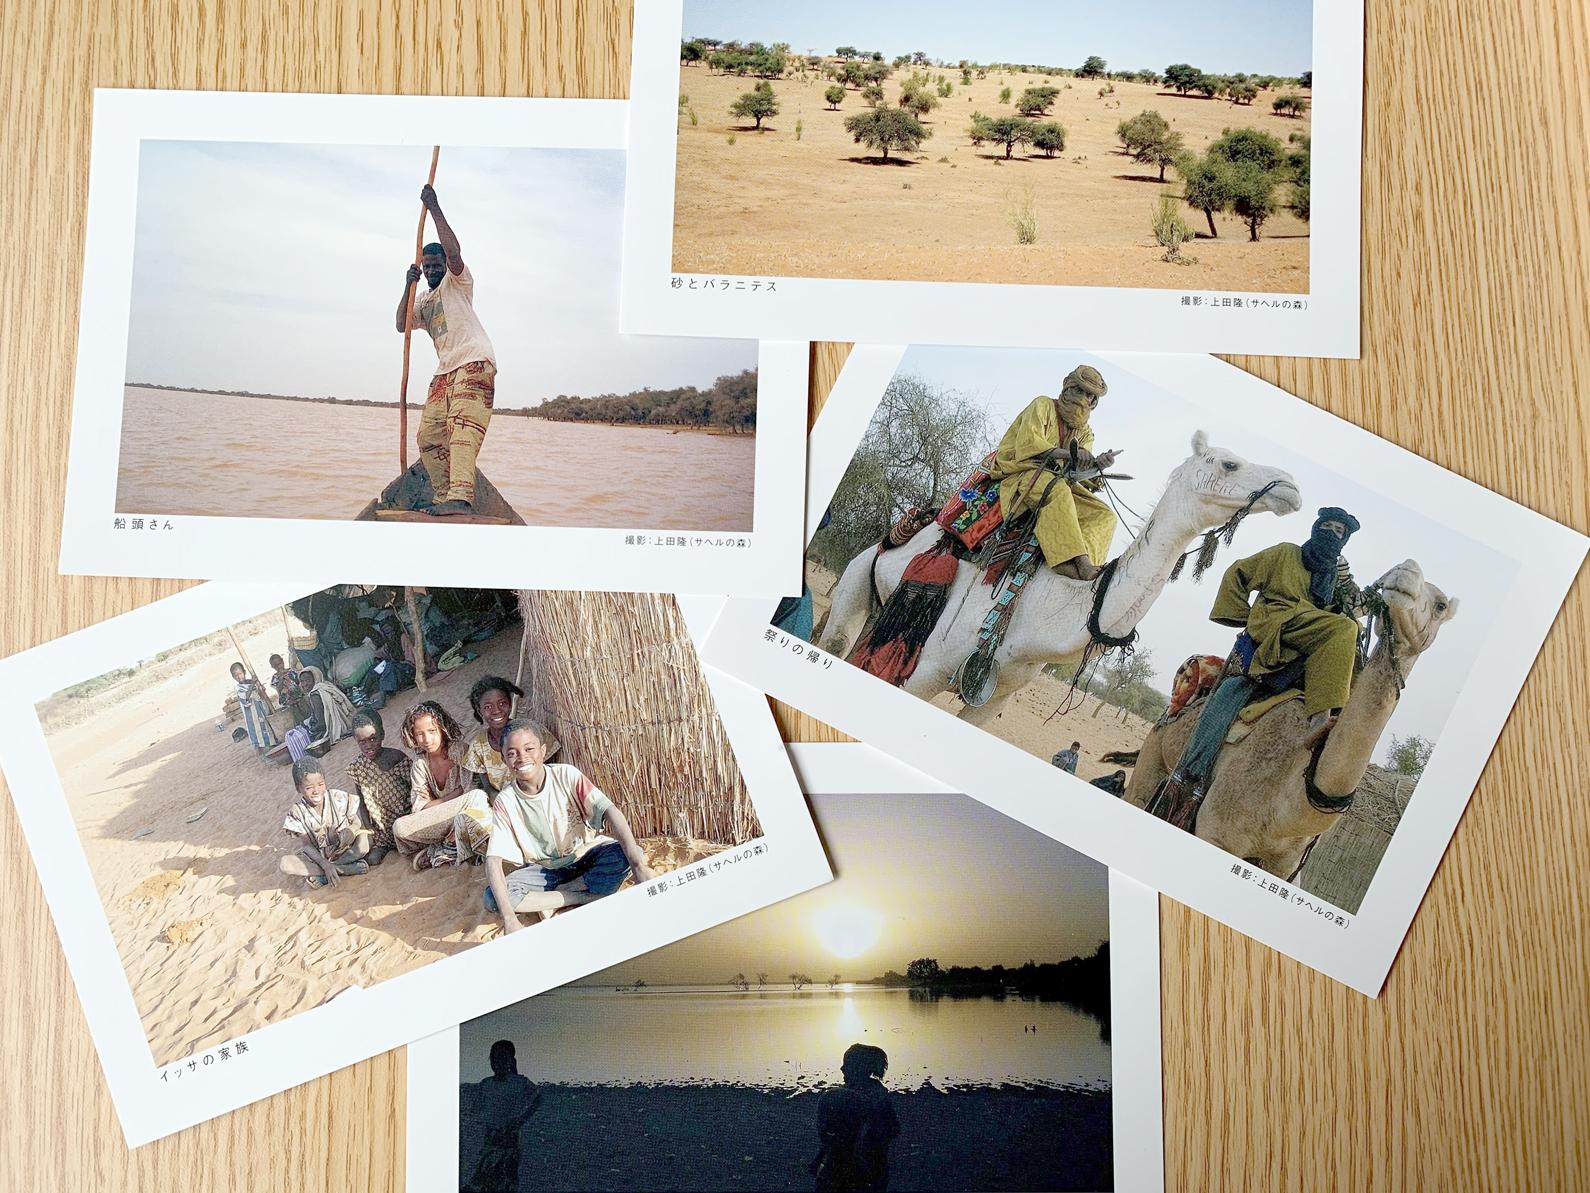 サヘル地域の写真で作ったオリジナルポストカード